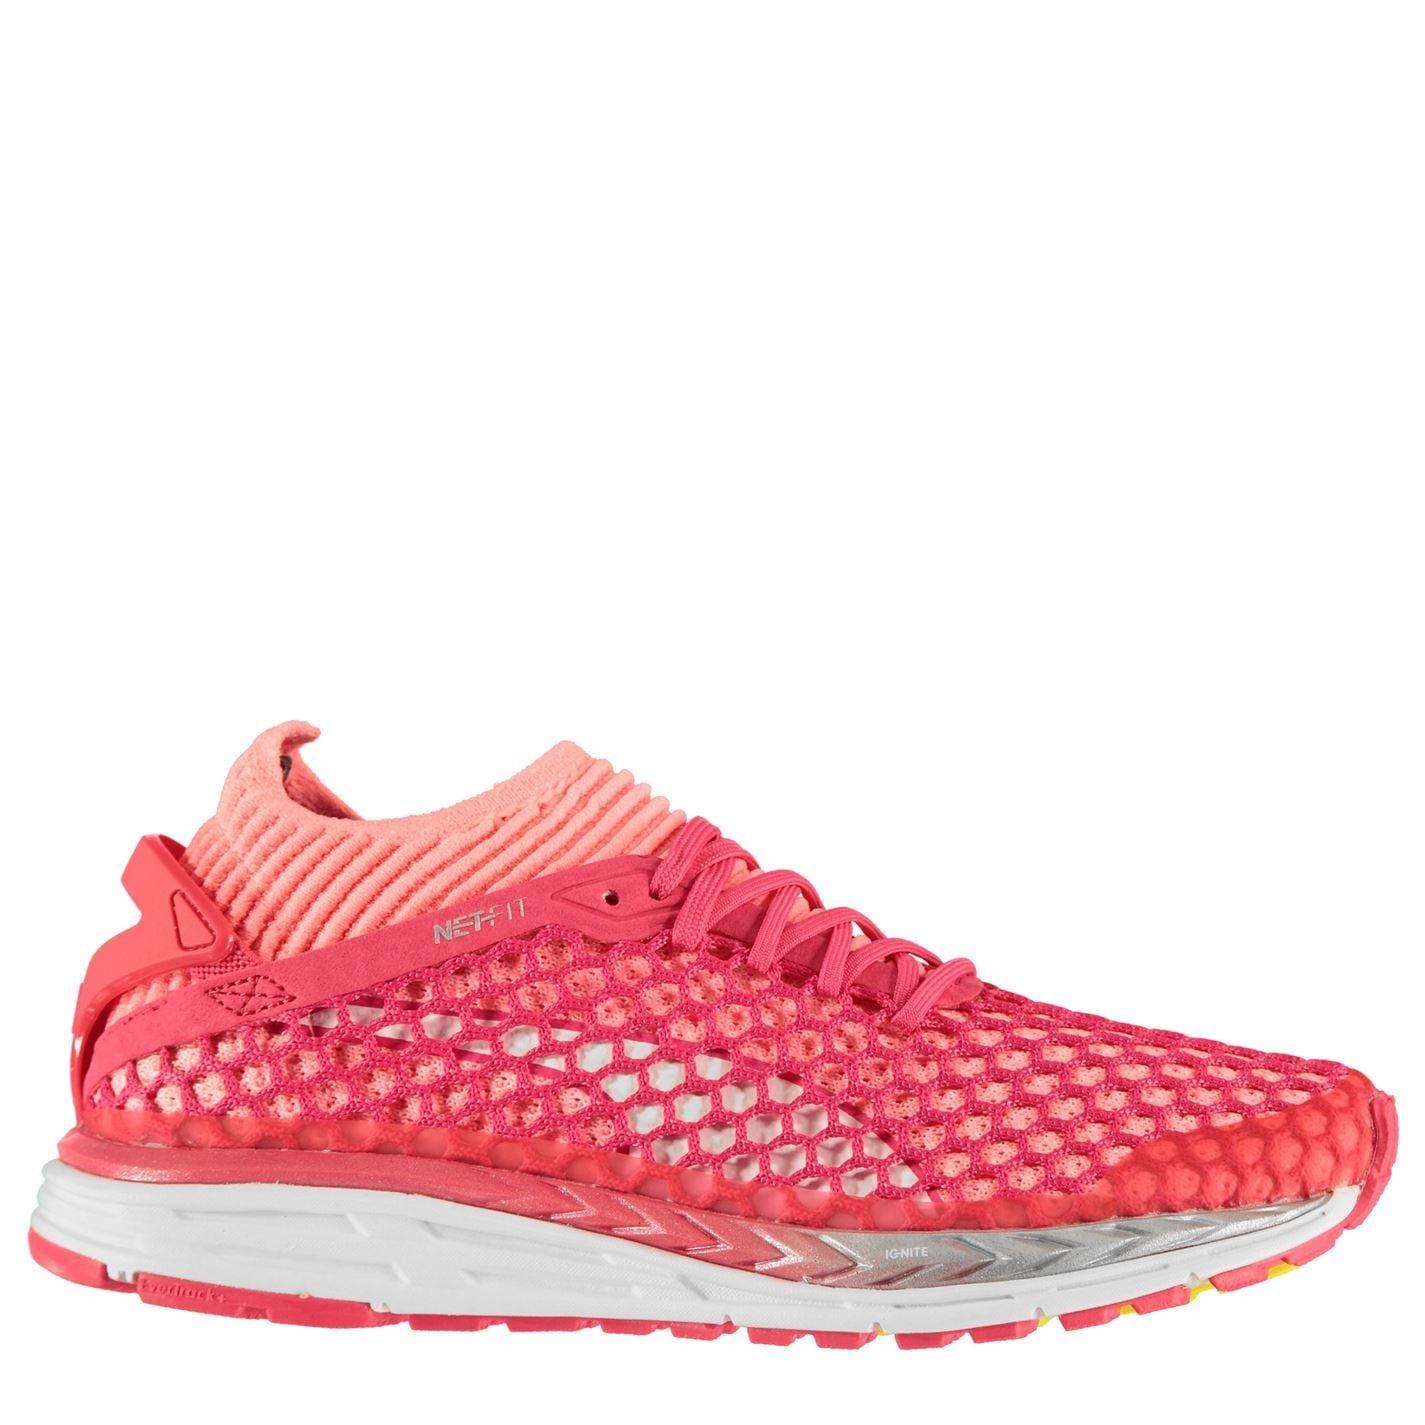 Puma Ignite Dual Ladies Running Shoes